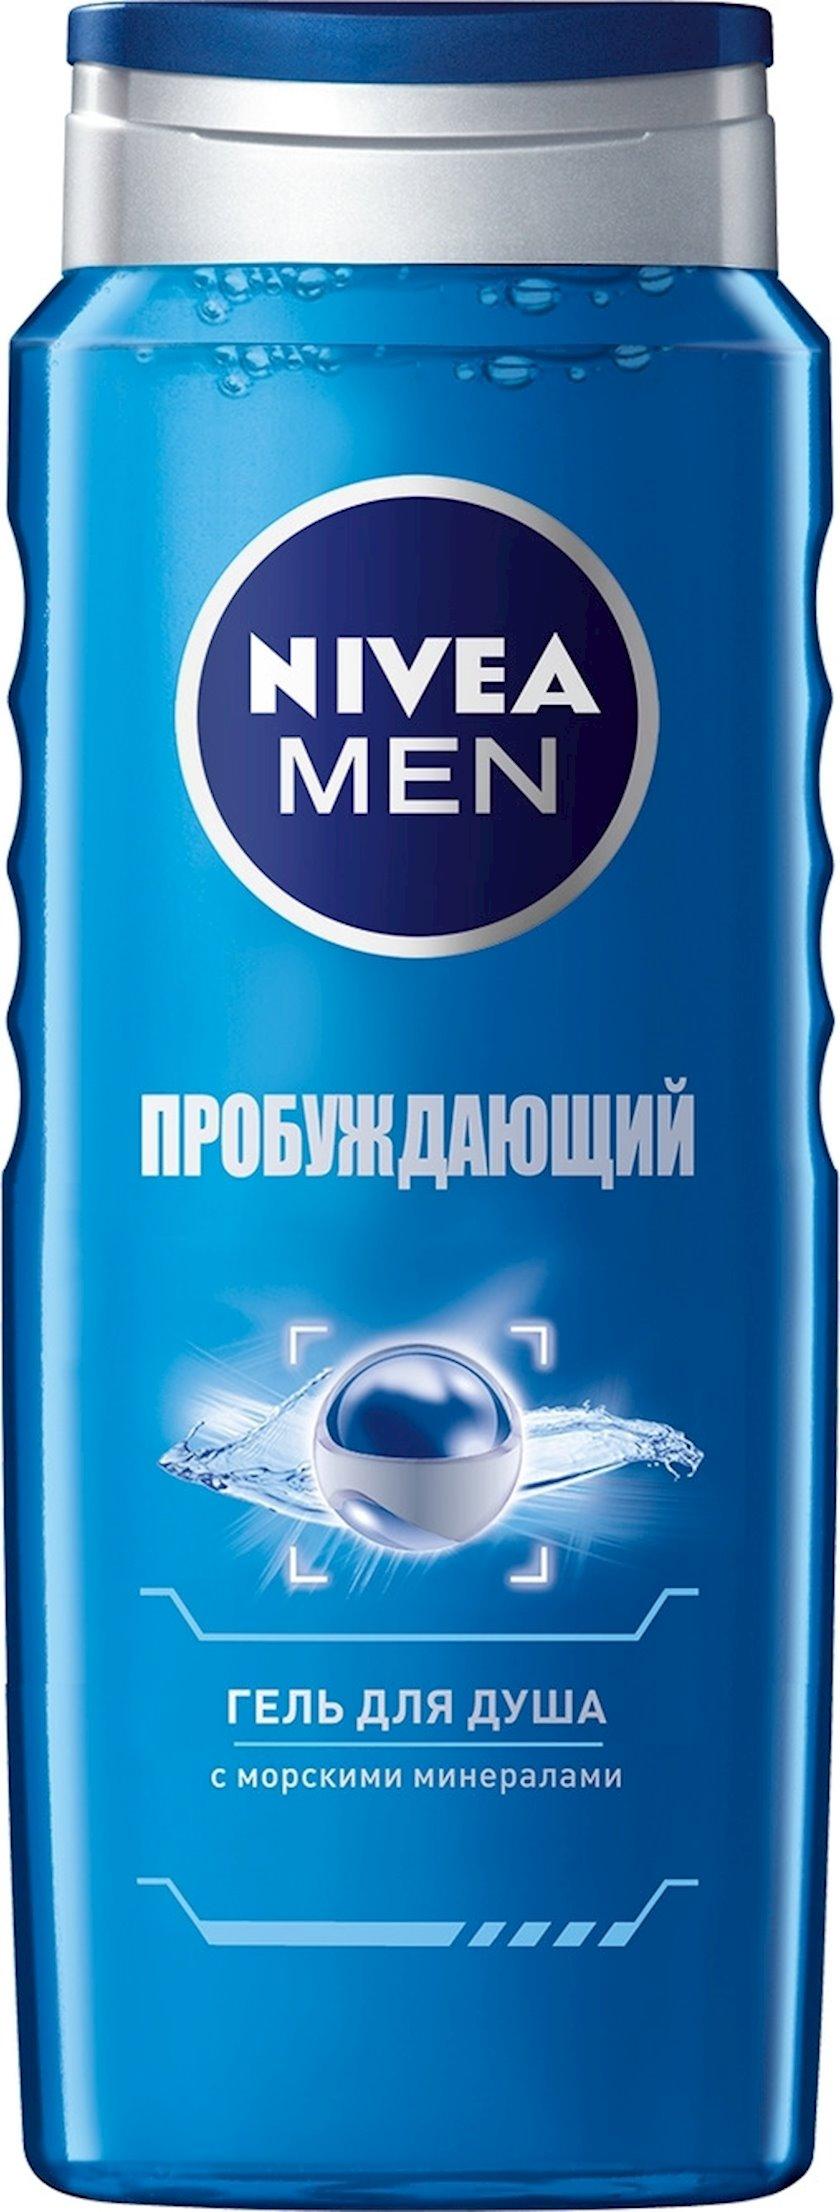 Duş üçün gel Nivea Gümrahlaşdıran, 500 ml